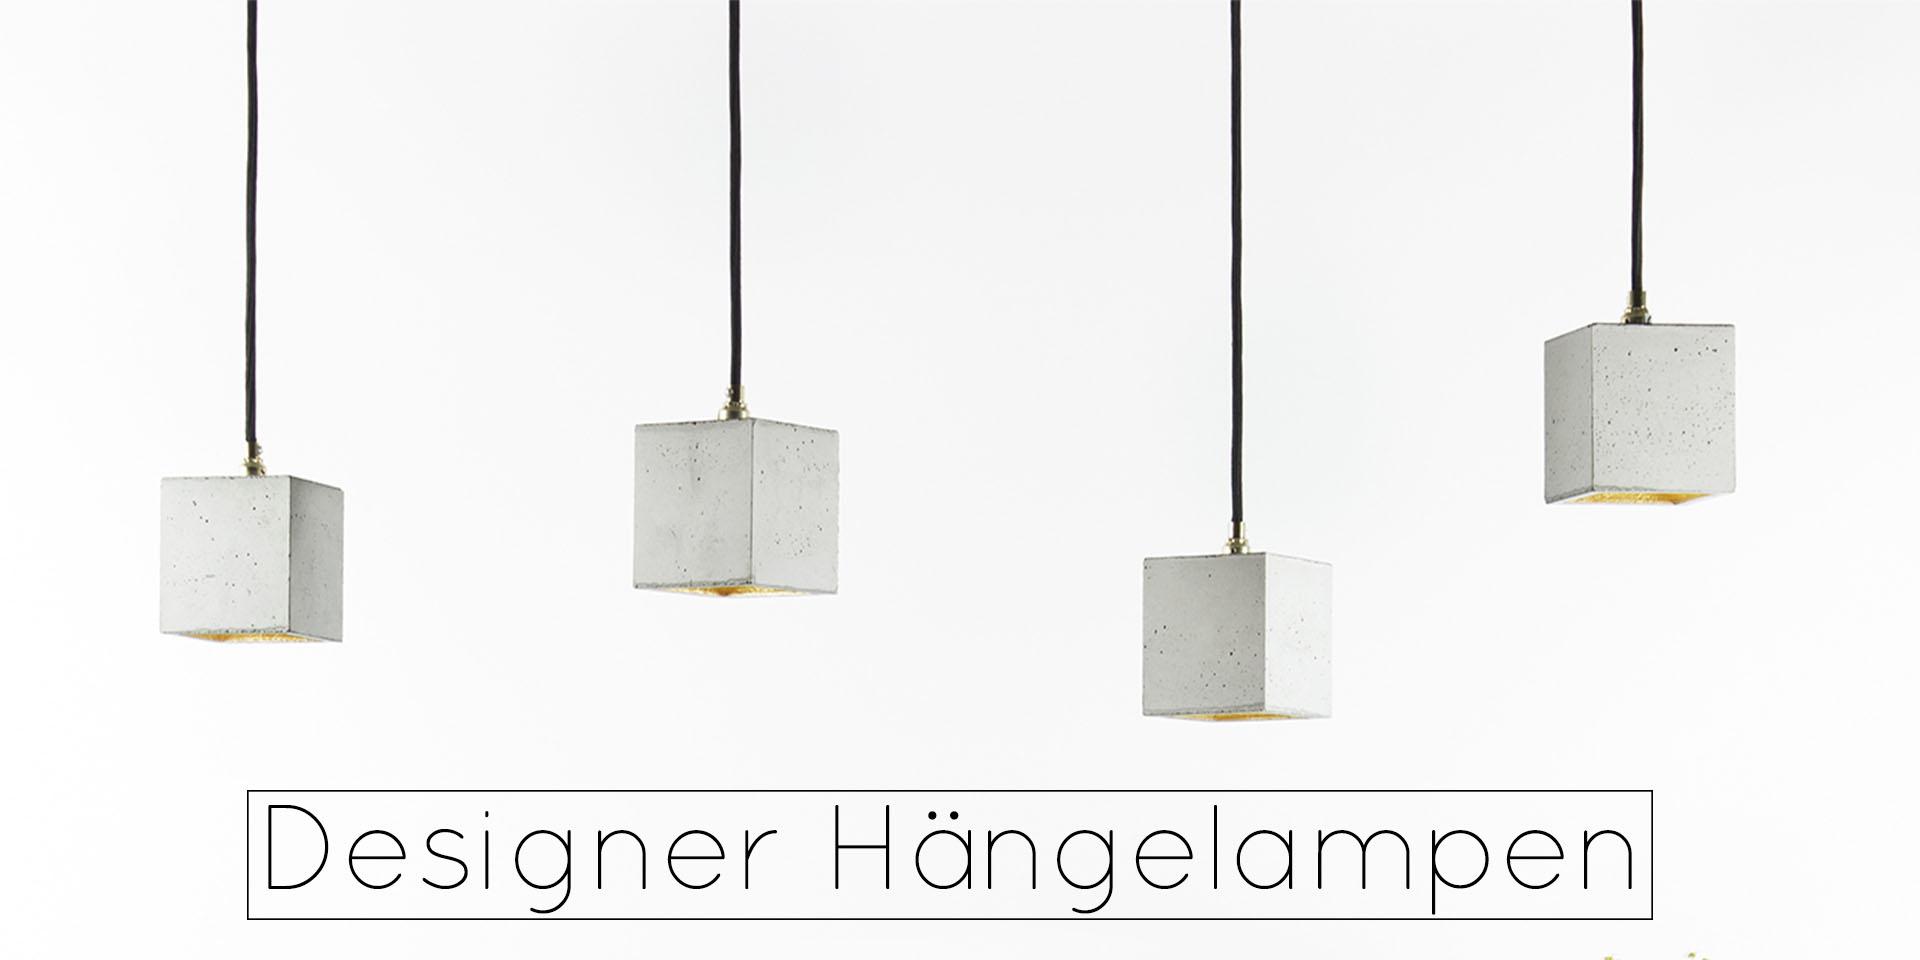 Full Size of Hängelampen Designer Hngelampen Satamode Wohnzimmer Hängelampen